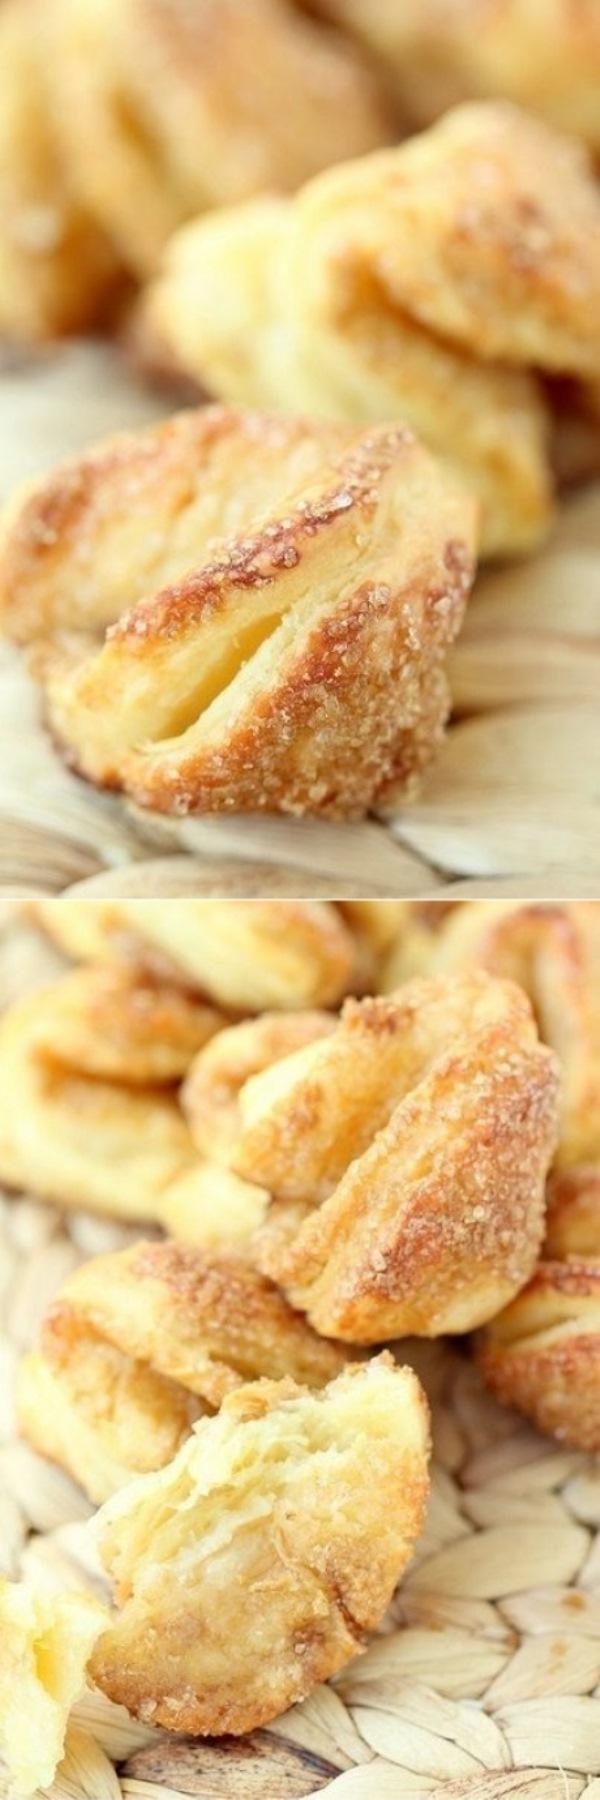 Как же я люблю творожную выпечку! А ее несравнимый аромат! Мммммм.. Это печенье может и незатейливое, но вкусное-вкусное!